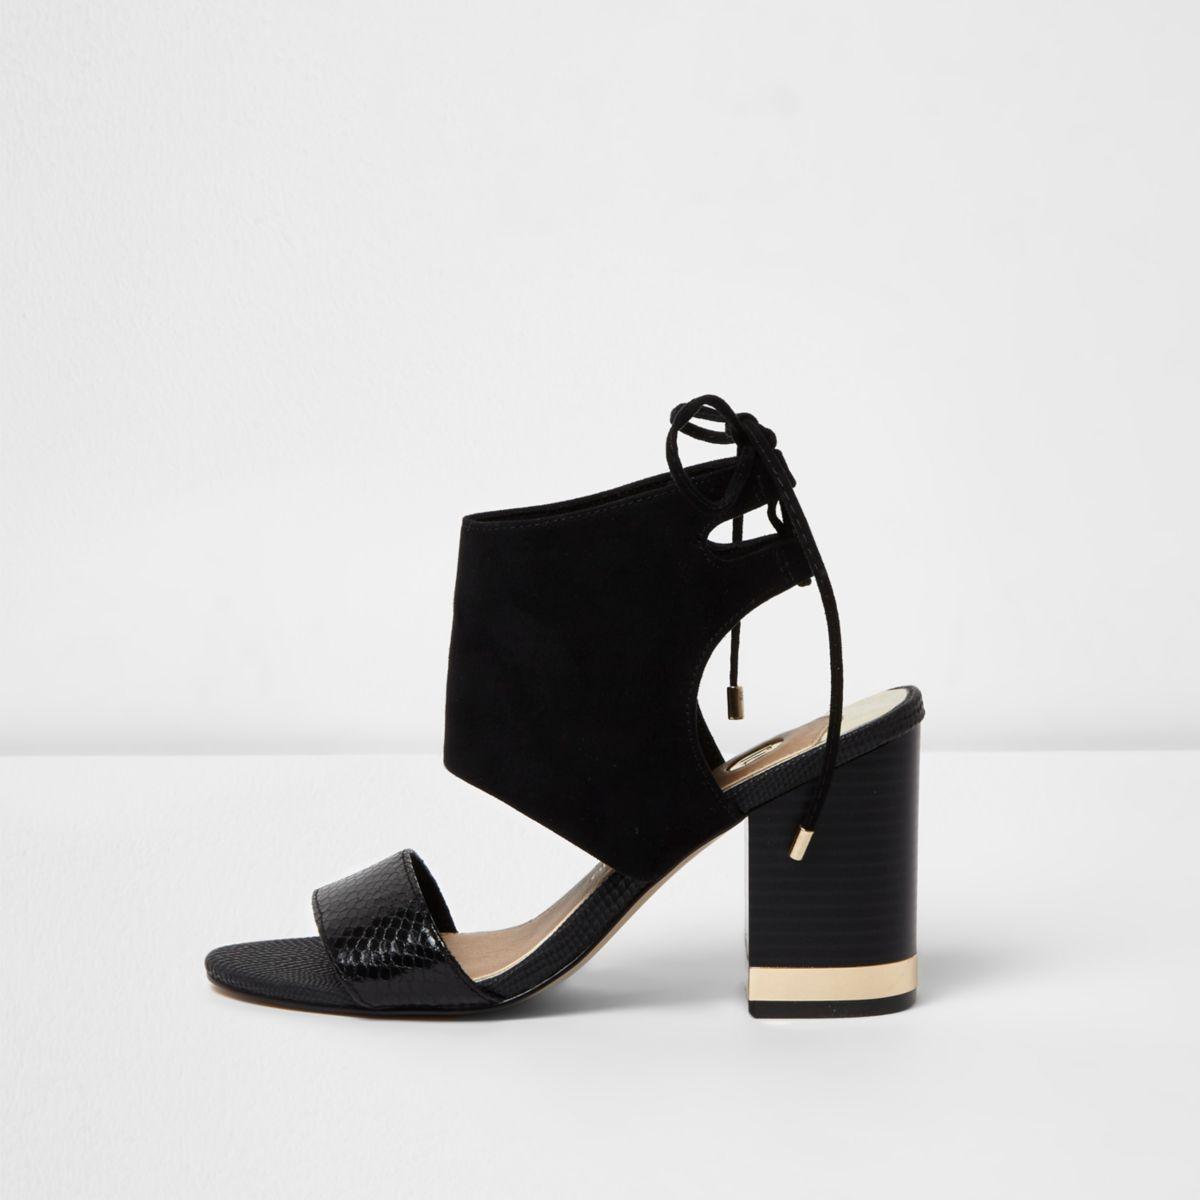 Zwarte schoenlaarsjes met blokhak en vetersluiting achter